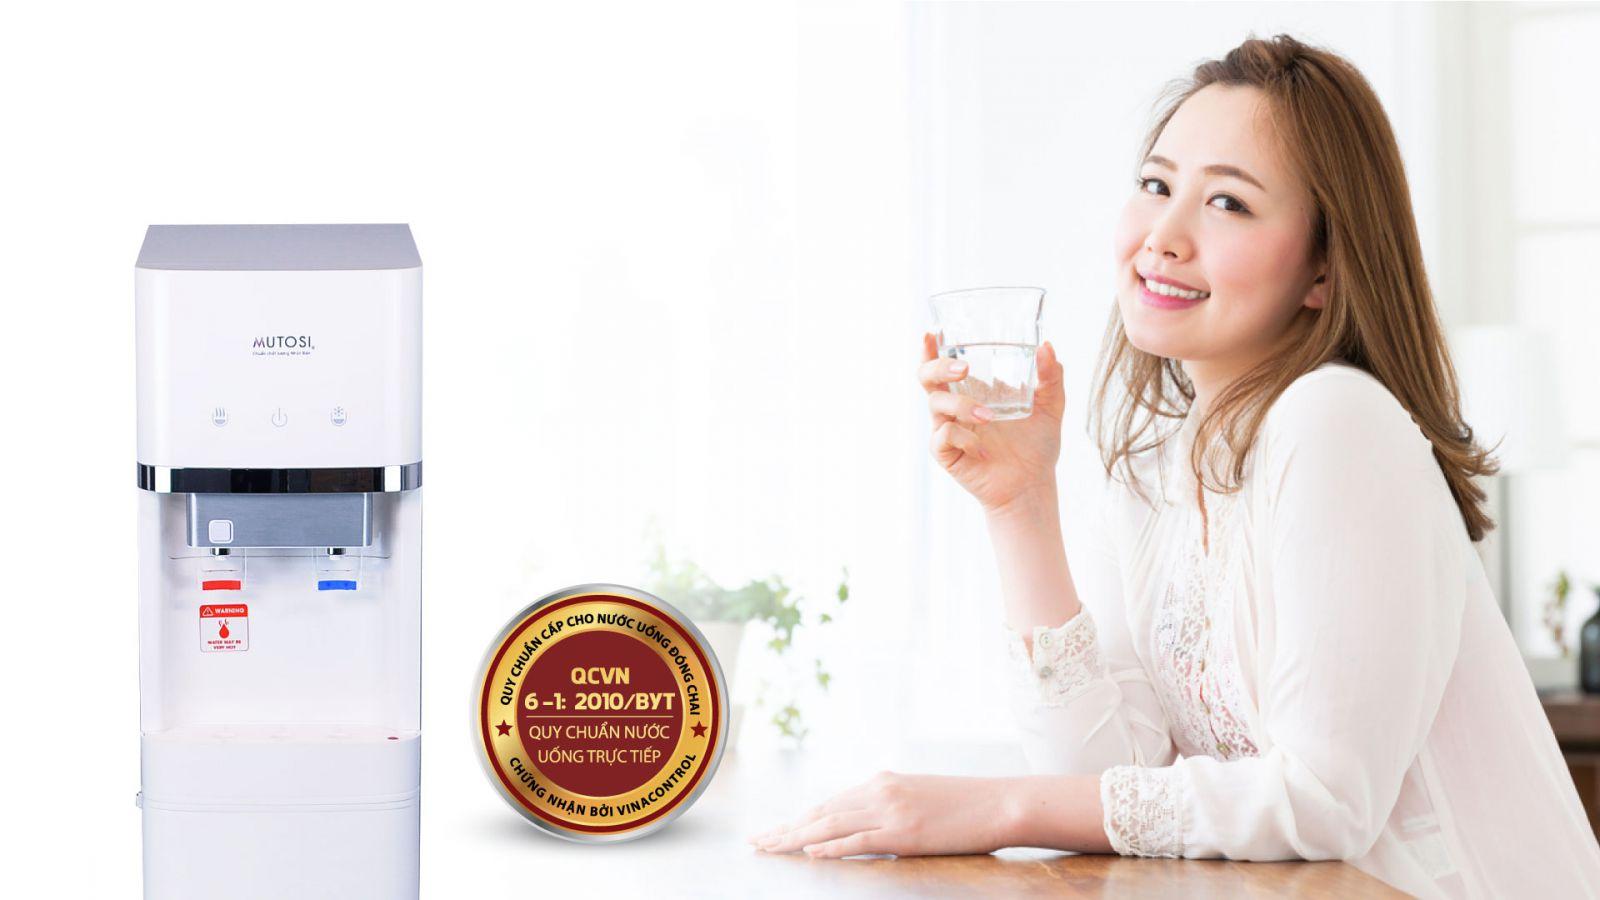 Cây nước nóng lạnh Mutosi MD-450RO